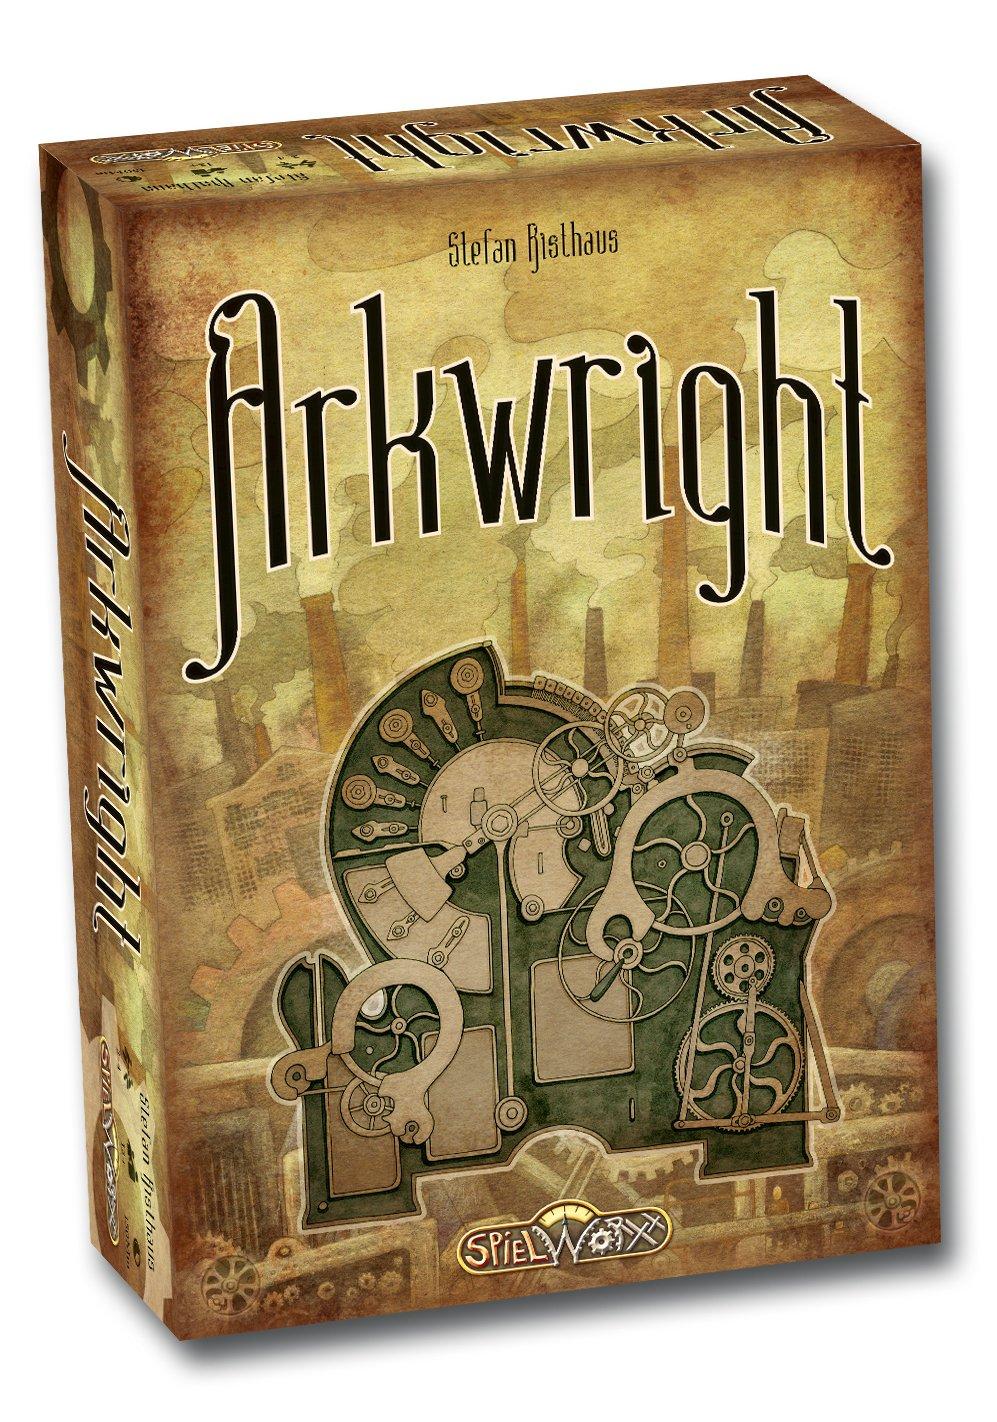 ADC Blackfire Entertainment ADCDE201402 - Arkwright Strategiespiel (deutsch/englische Ausgabe)